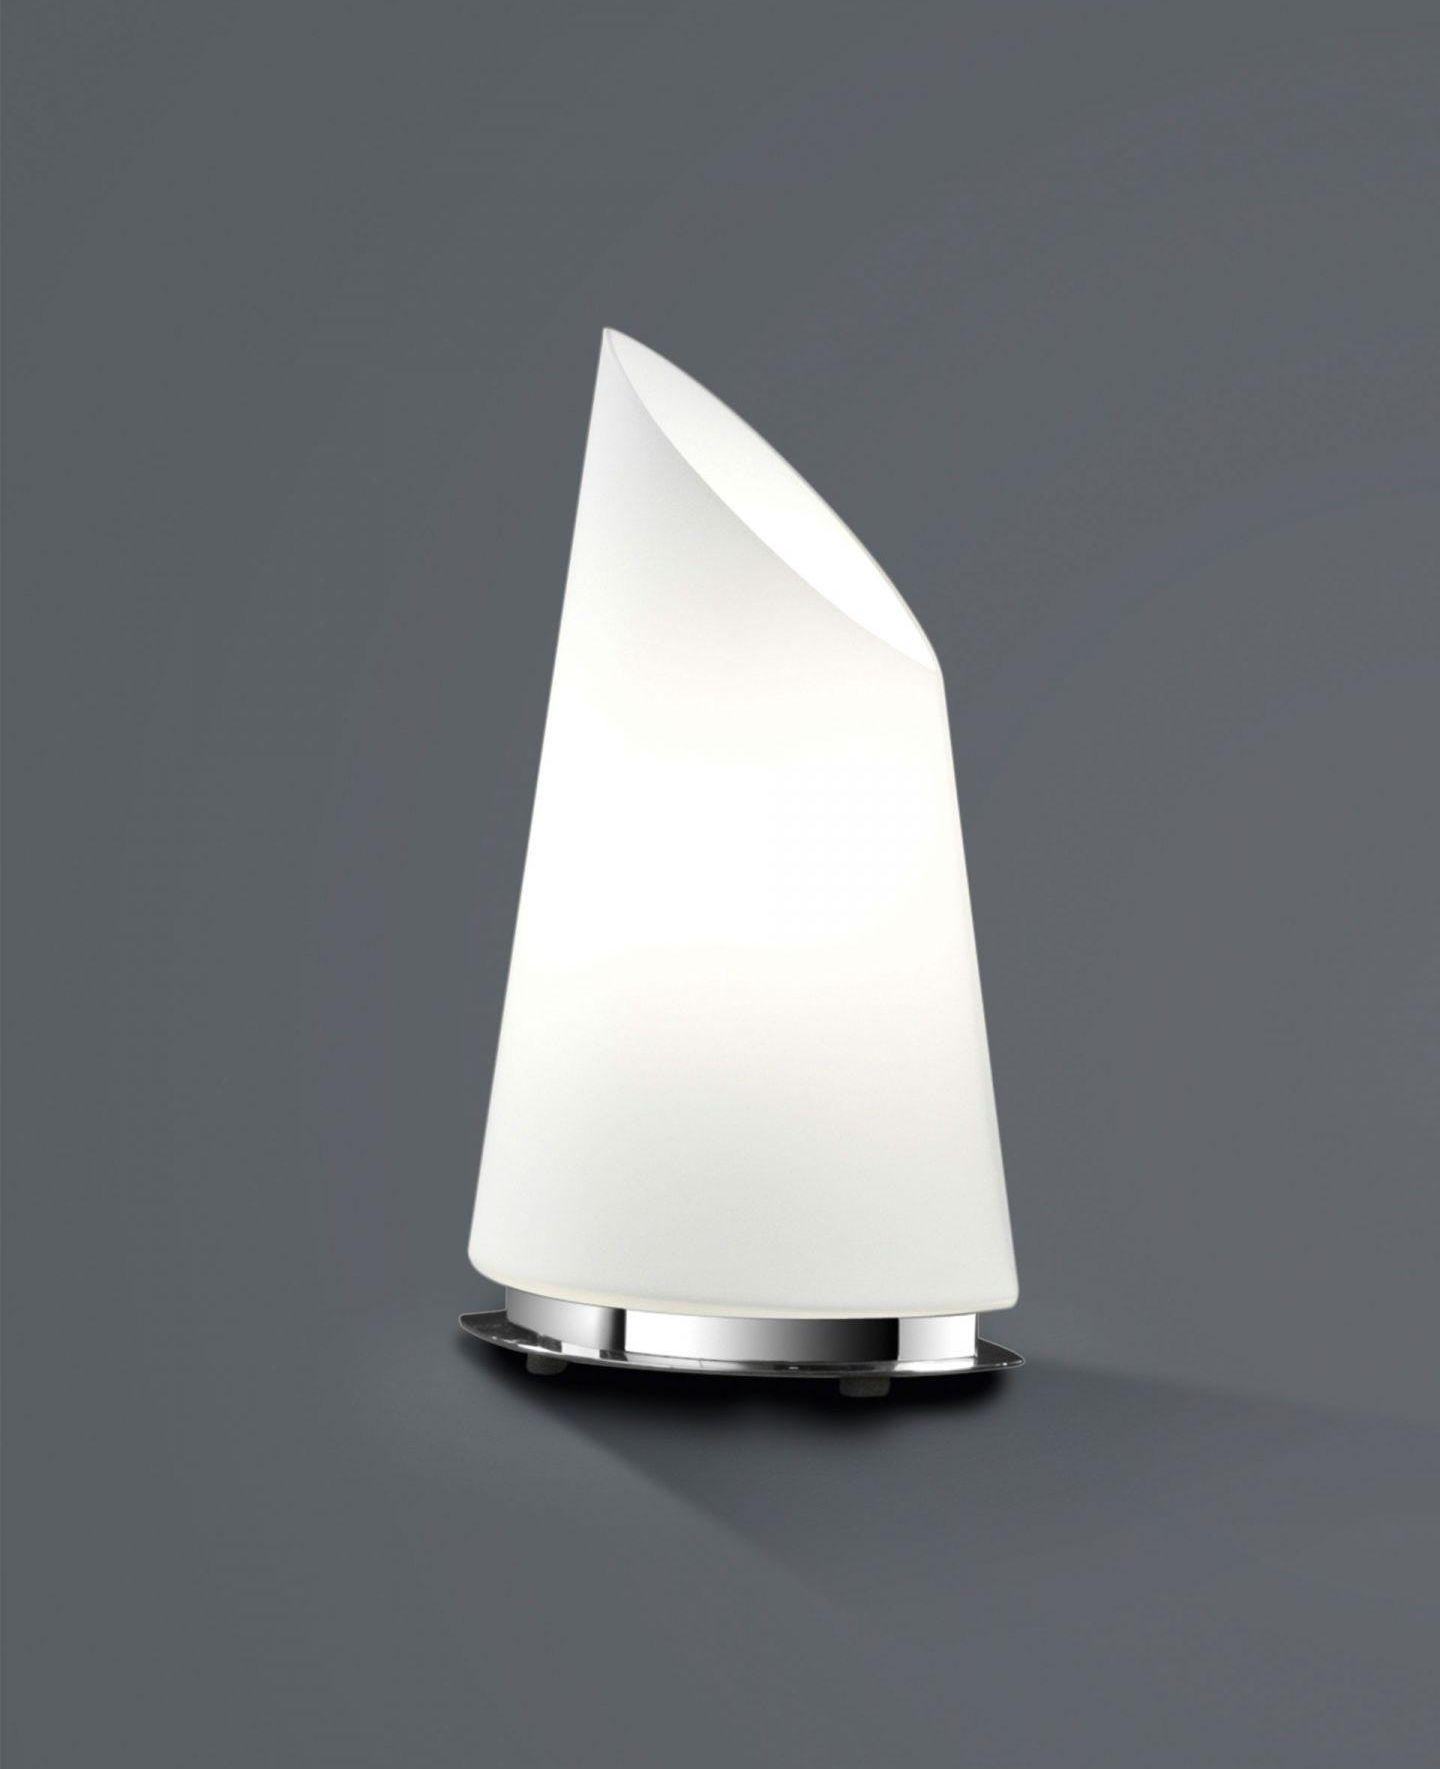 Alle Artikel von BANKAMP Leuchtenmanufaktur Tischleuchte Segel 5863/1-02